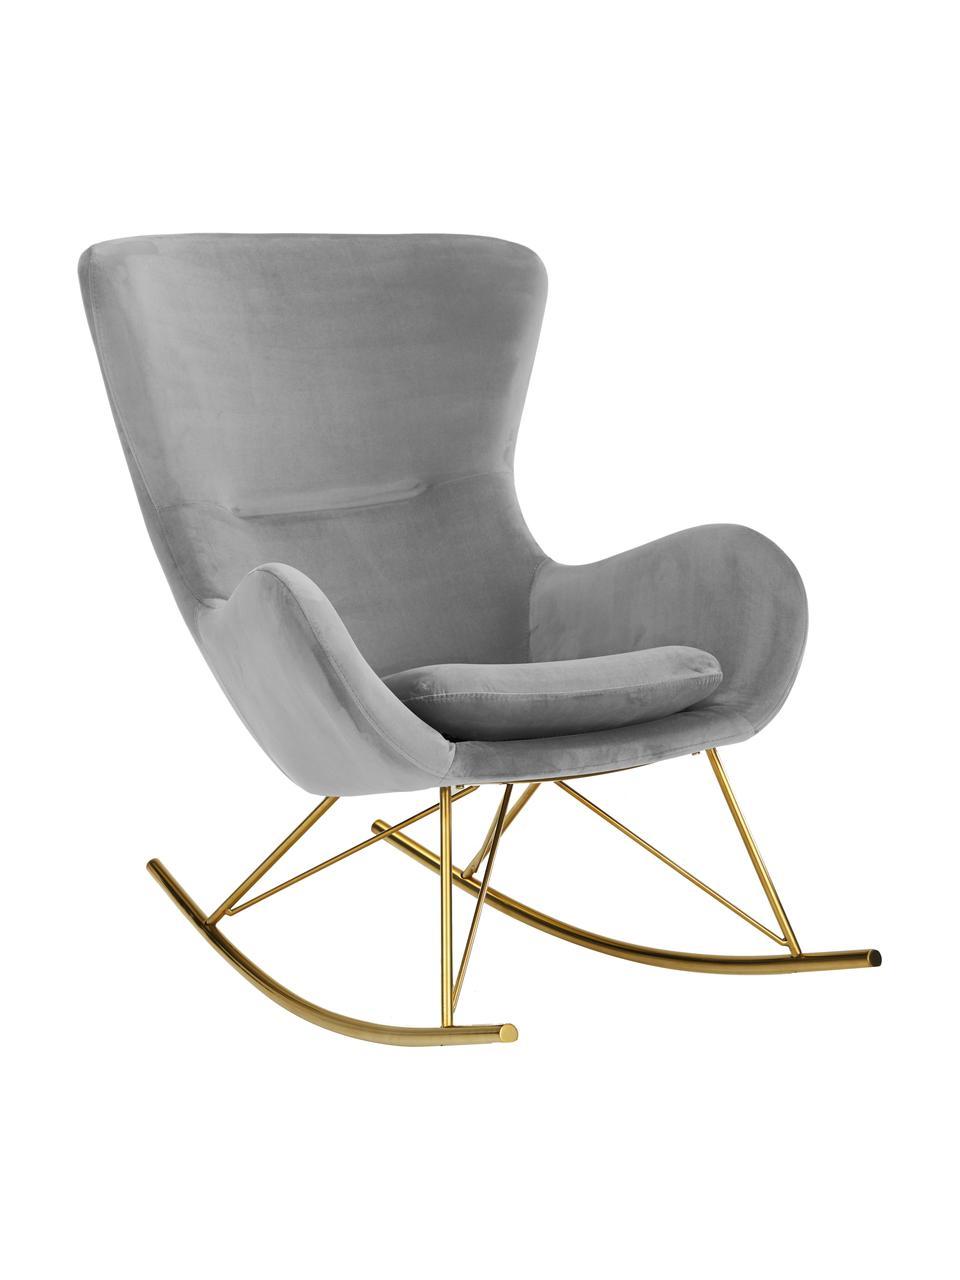 Fluwelen schommelstoel Wing in grijs, Bekleding: fluweel (polyester), Frame: gegalvaniseerd metaal, Fluweel grijs, goudkleurig, 66 x 102 cm